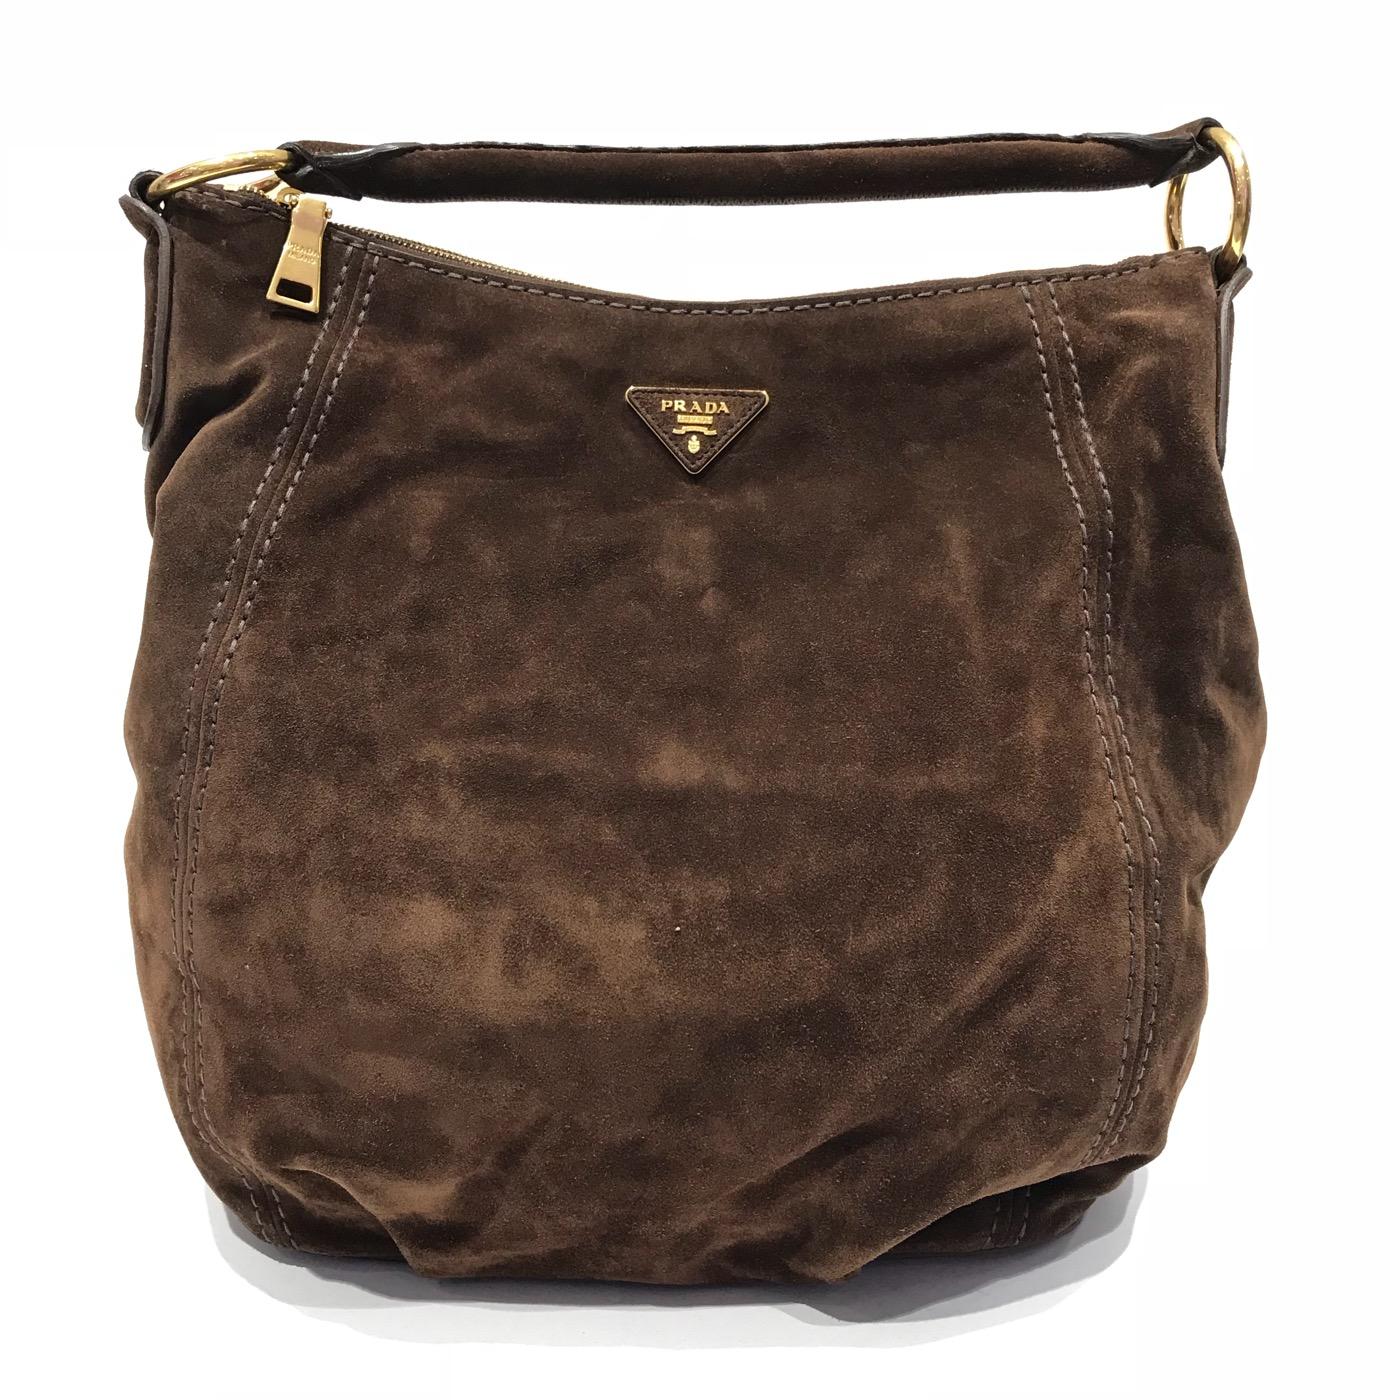 621a07d376ad shop prada brown suede daino hobo handbag 560e3 1de2e